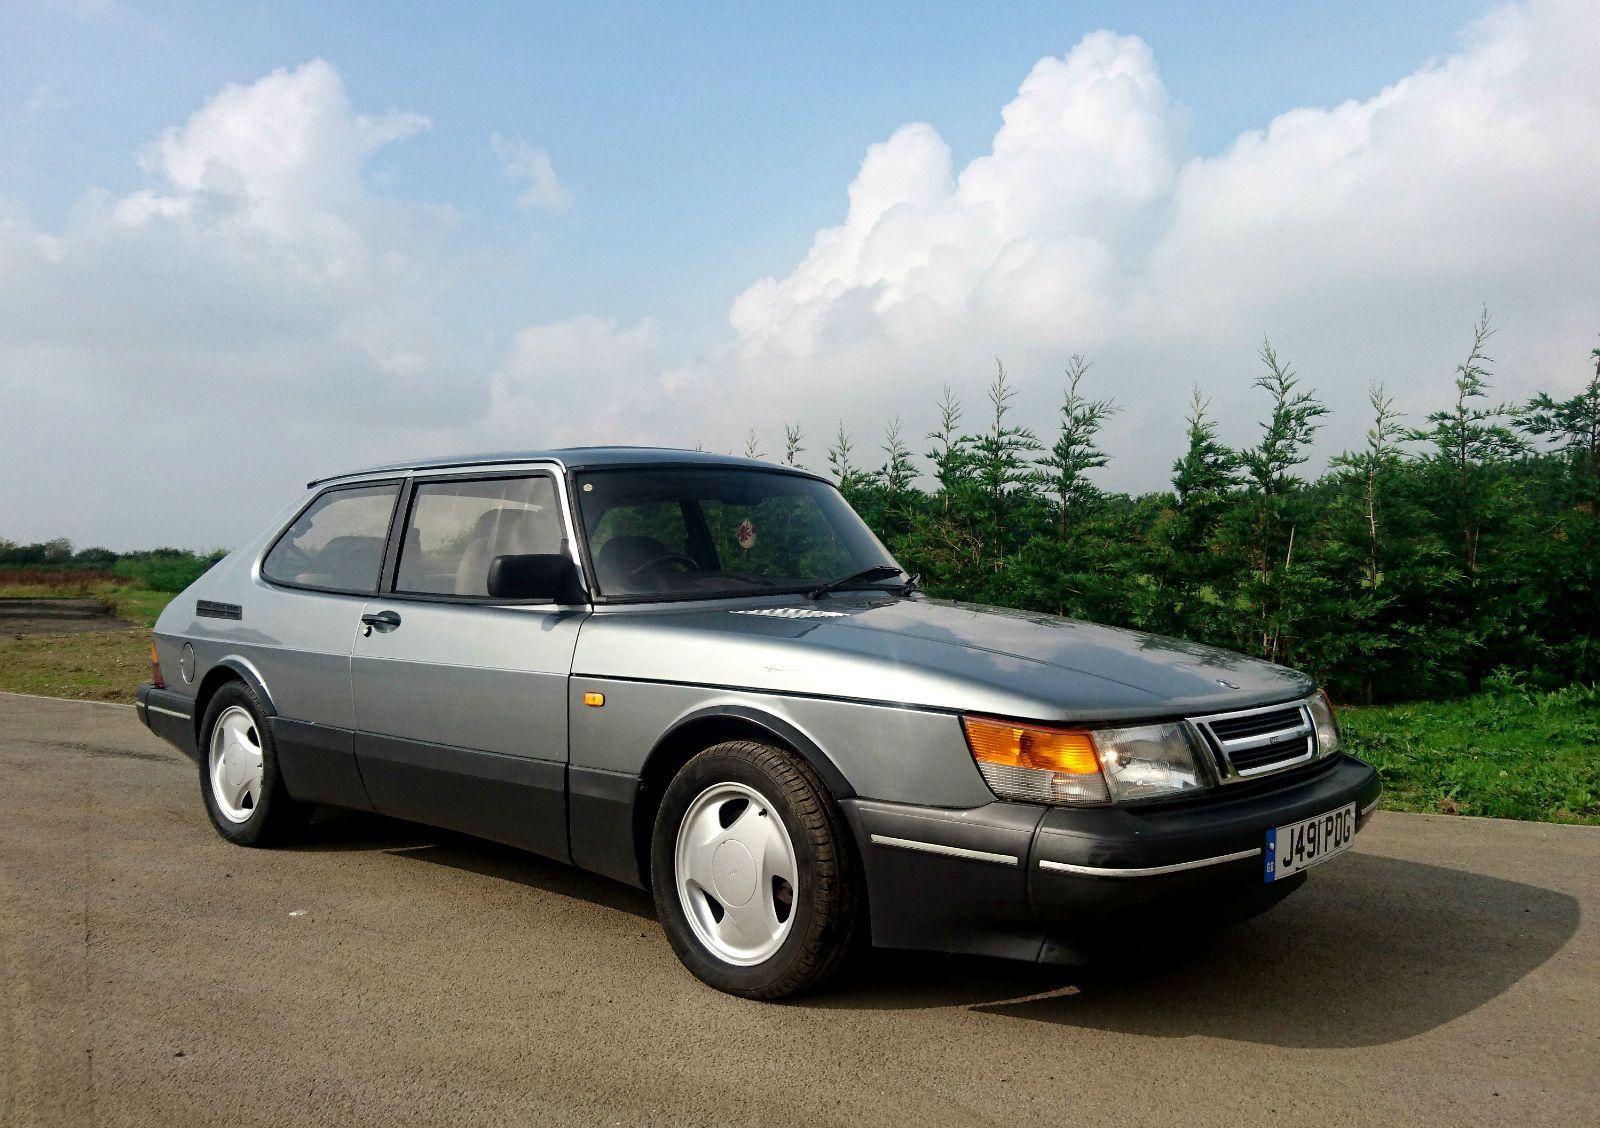 Saab 900 2.0 Turbo 16V 145K Saab 900, Saab, Turbo